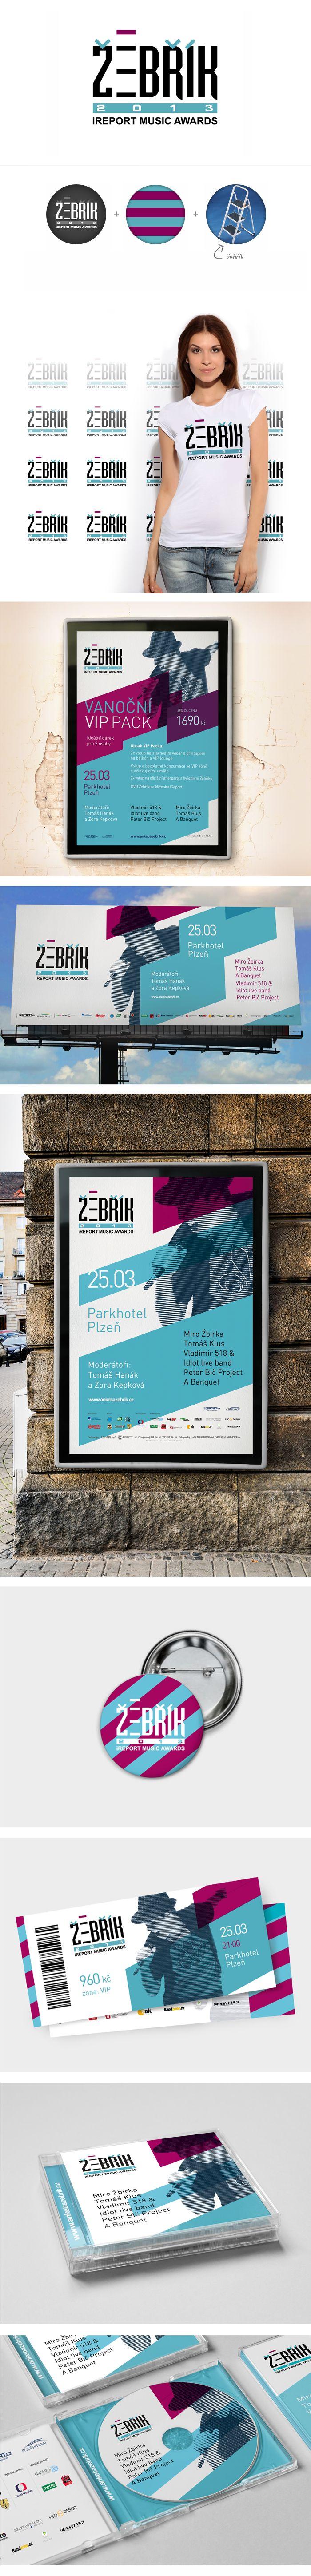 ZEBRIK music award